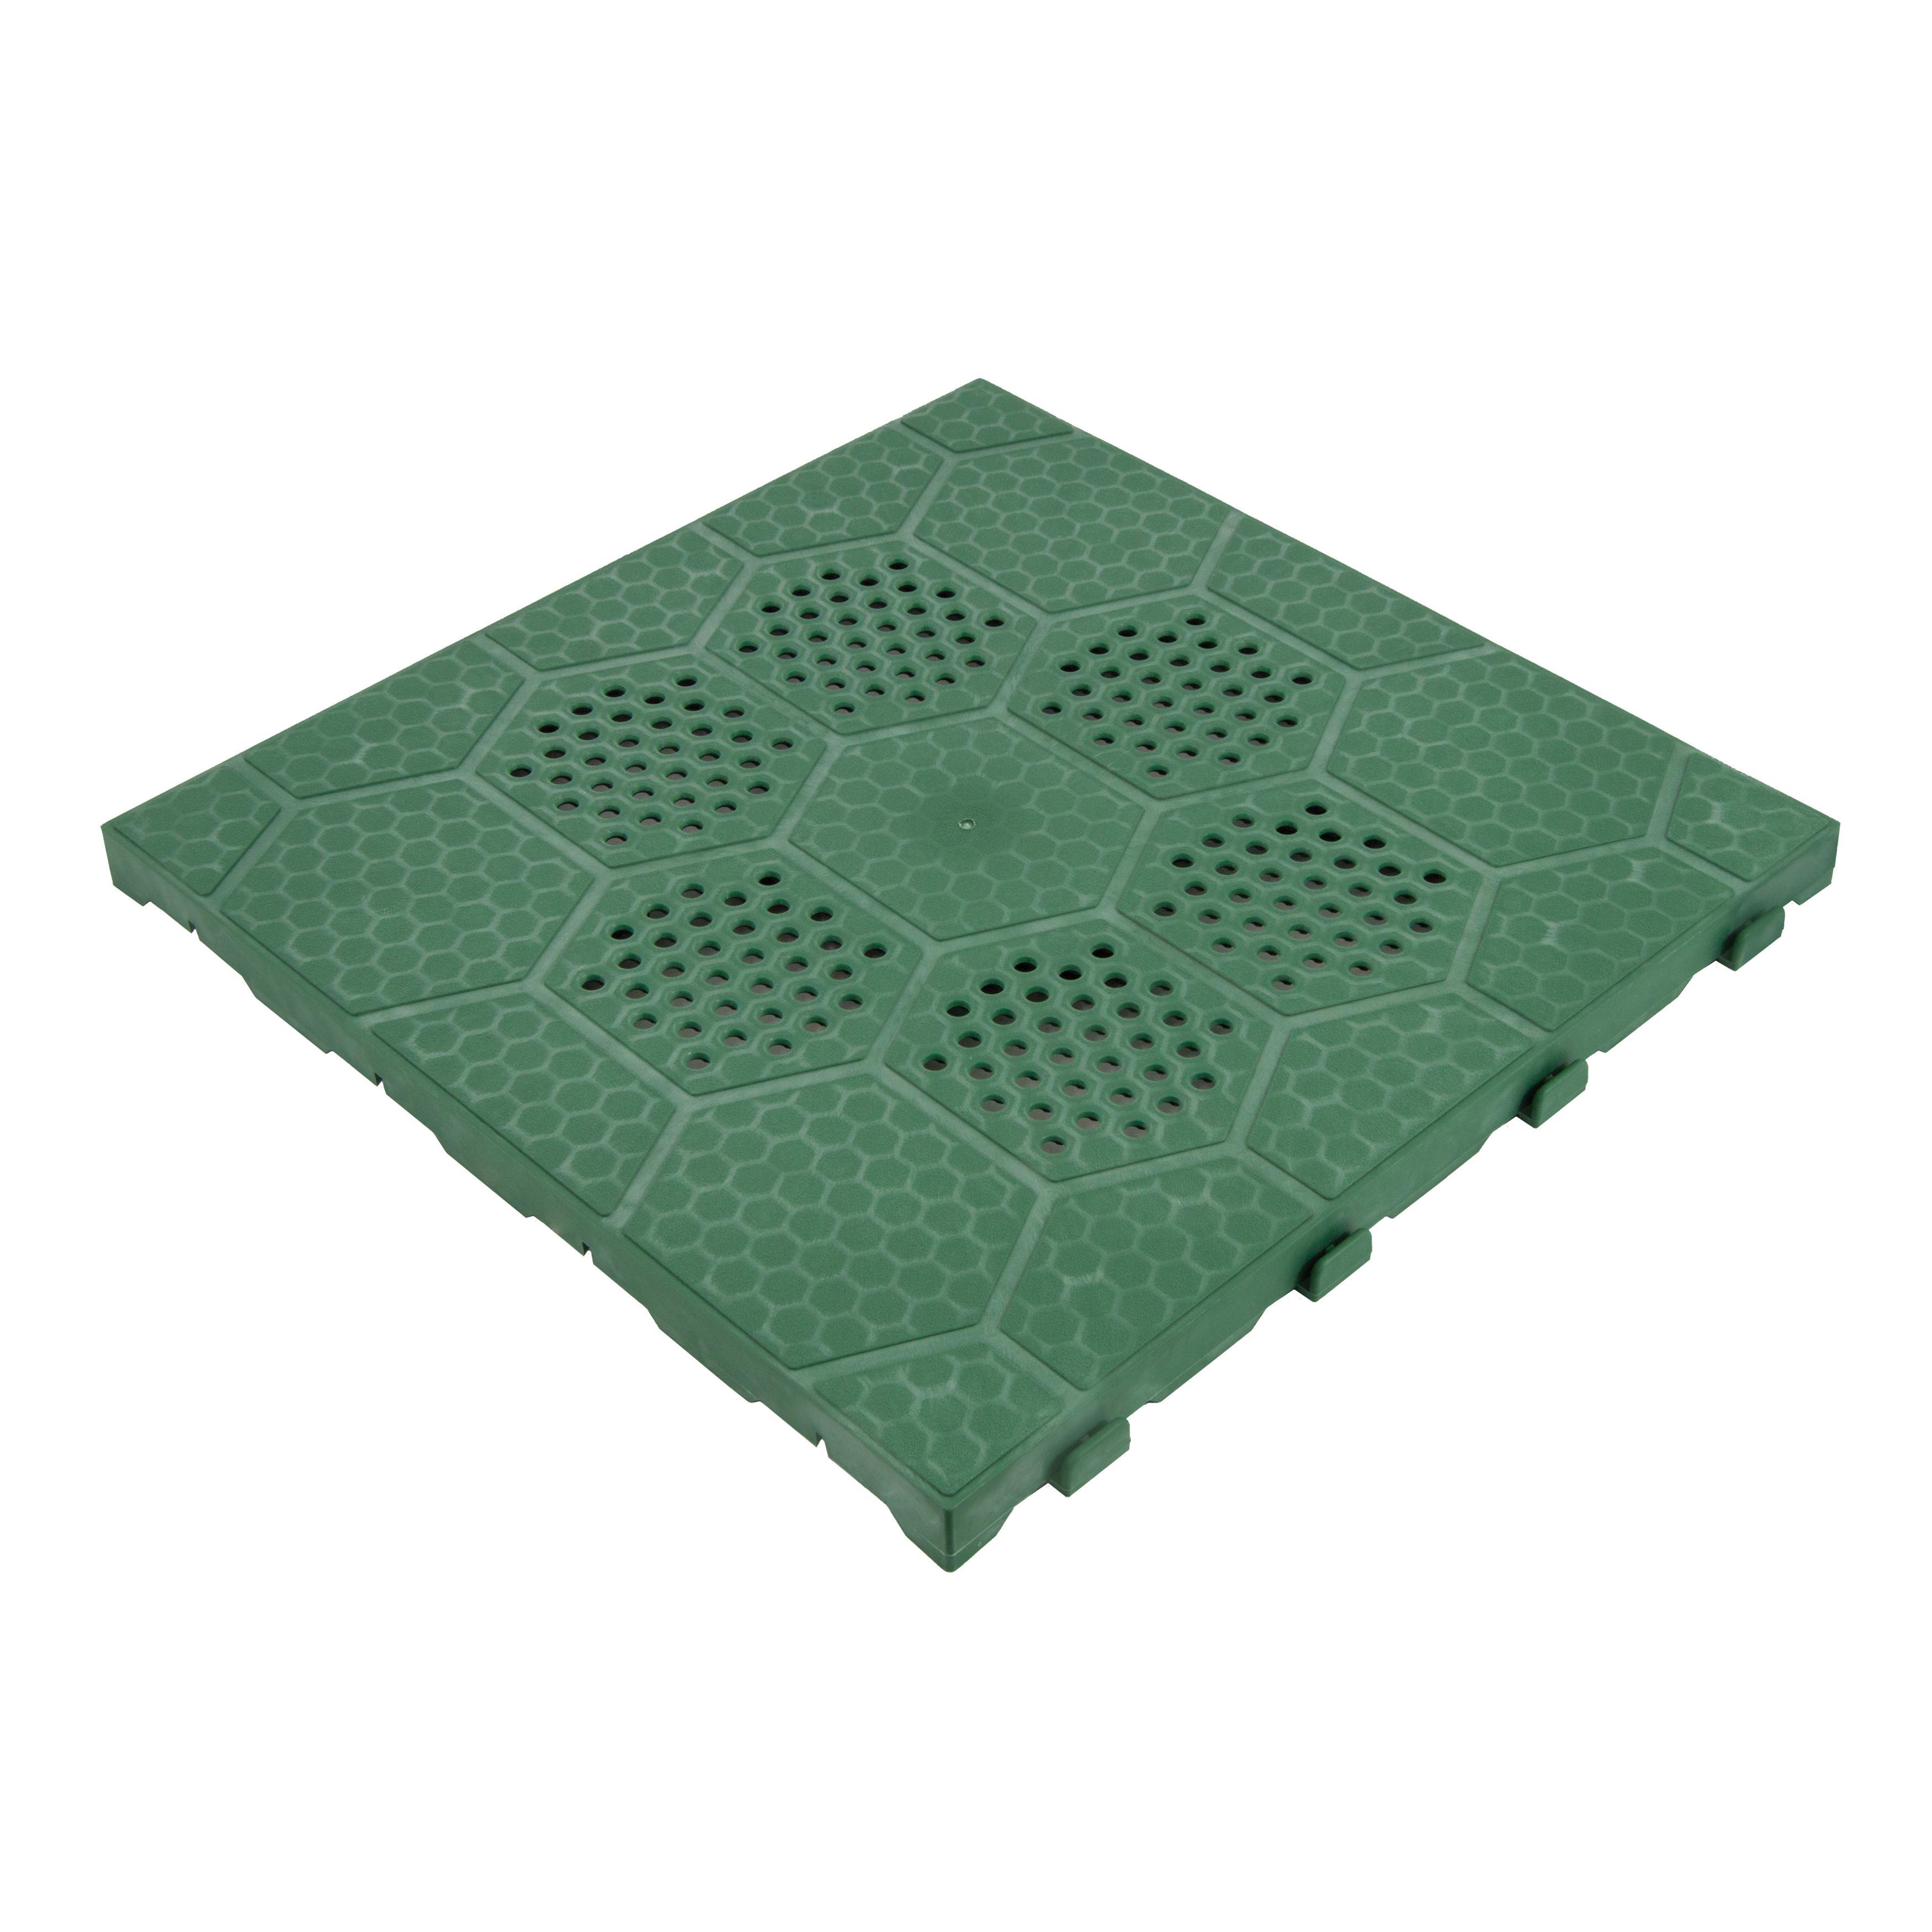 Piastrelle Plastica Giardino Leroy Merlin.Piastrelle Ad Incastro 40 X 40 Cm Sp 25 Mm Verde Prezzo Online Leroy Merlin